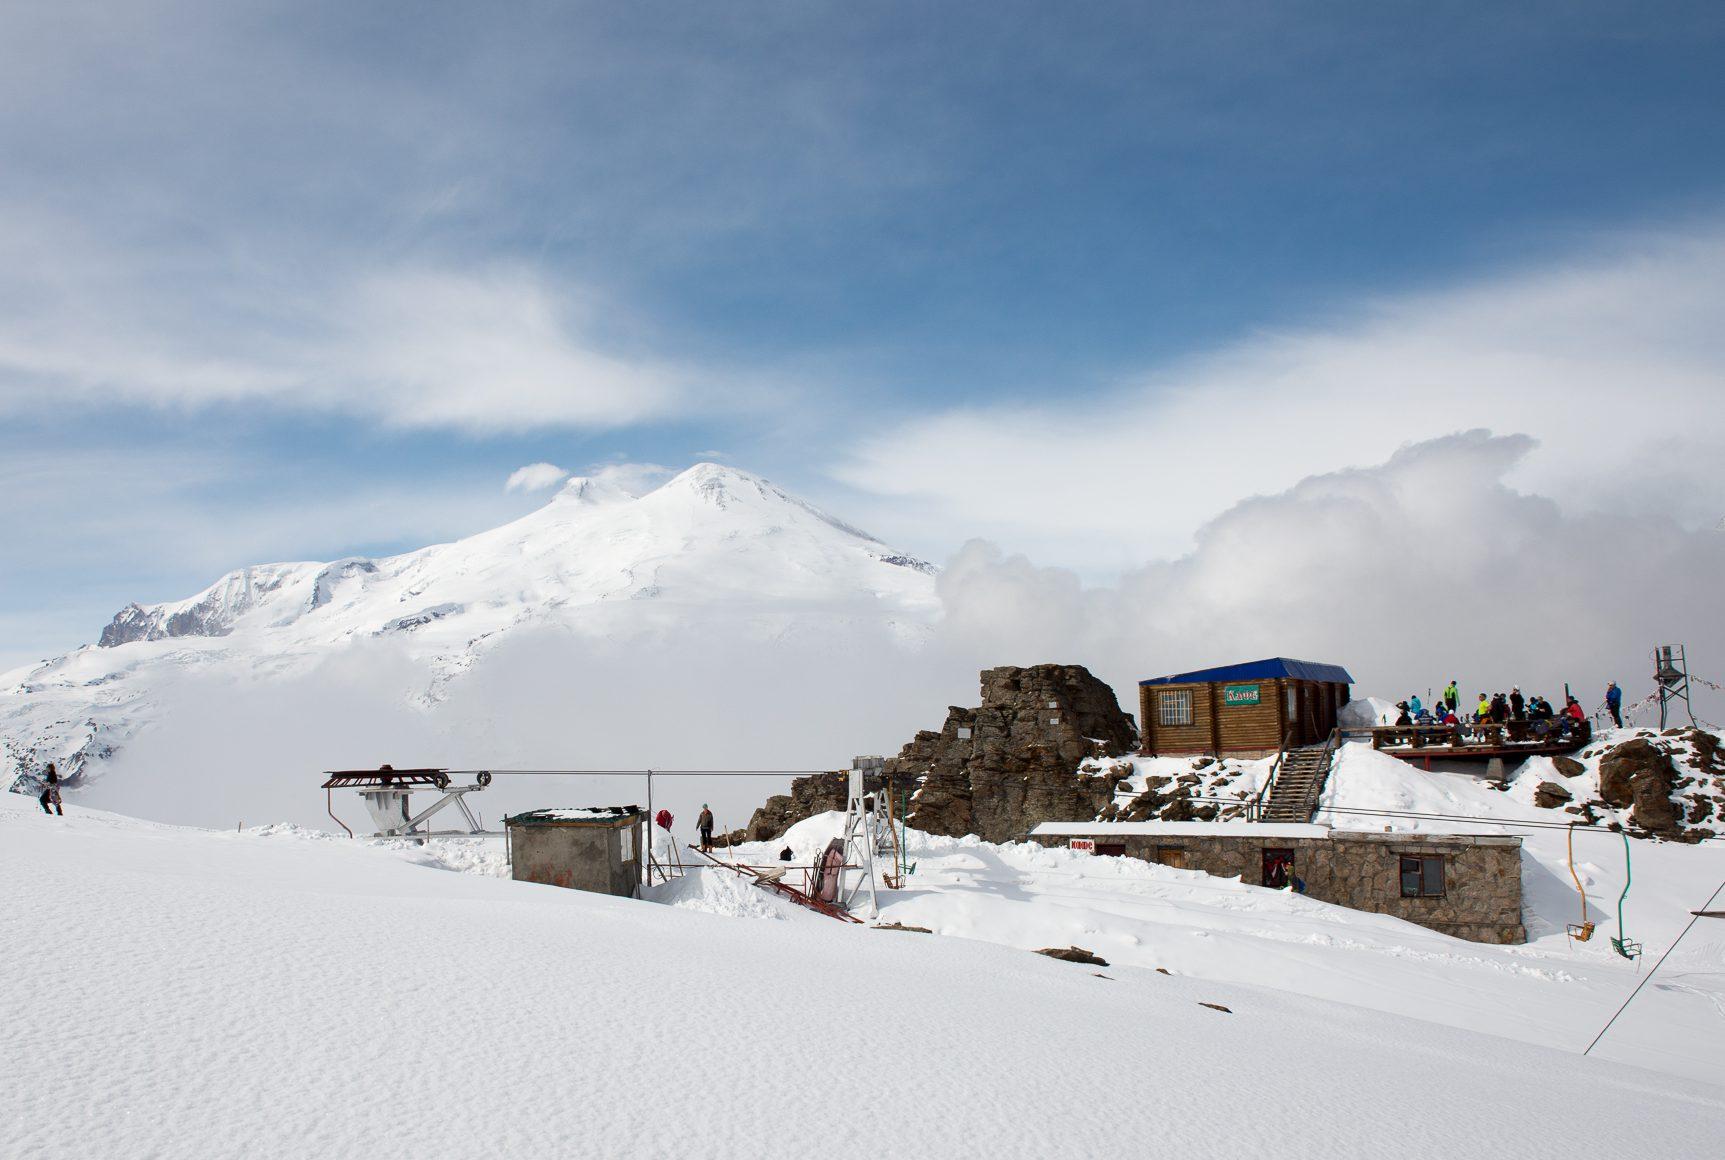 Чегет вид на Эльбрус и смотровую площадку